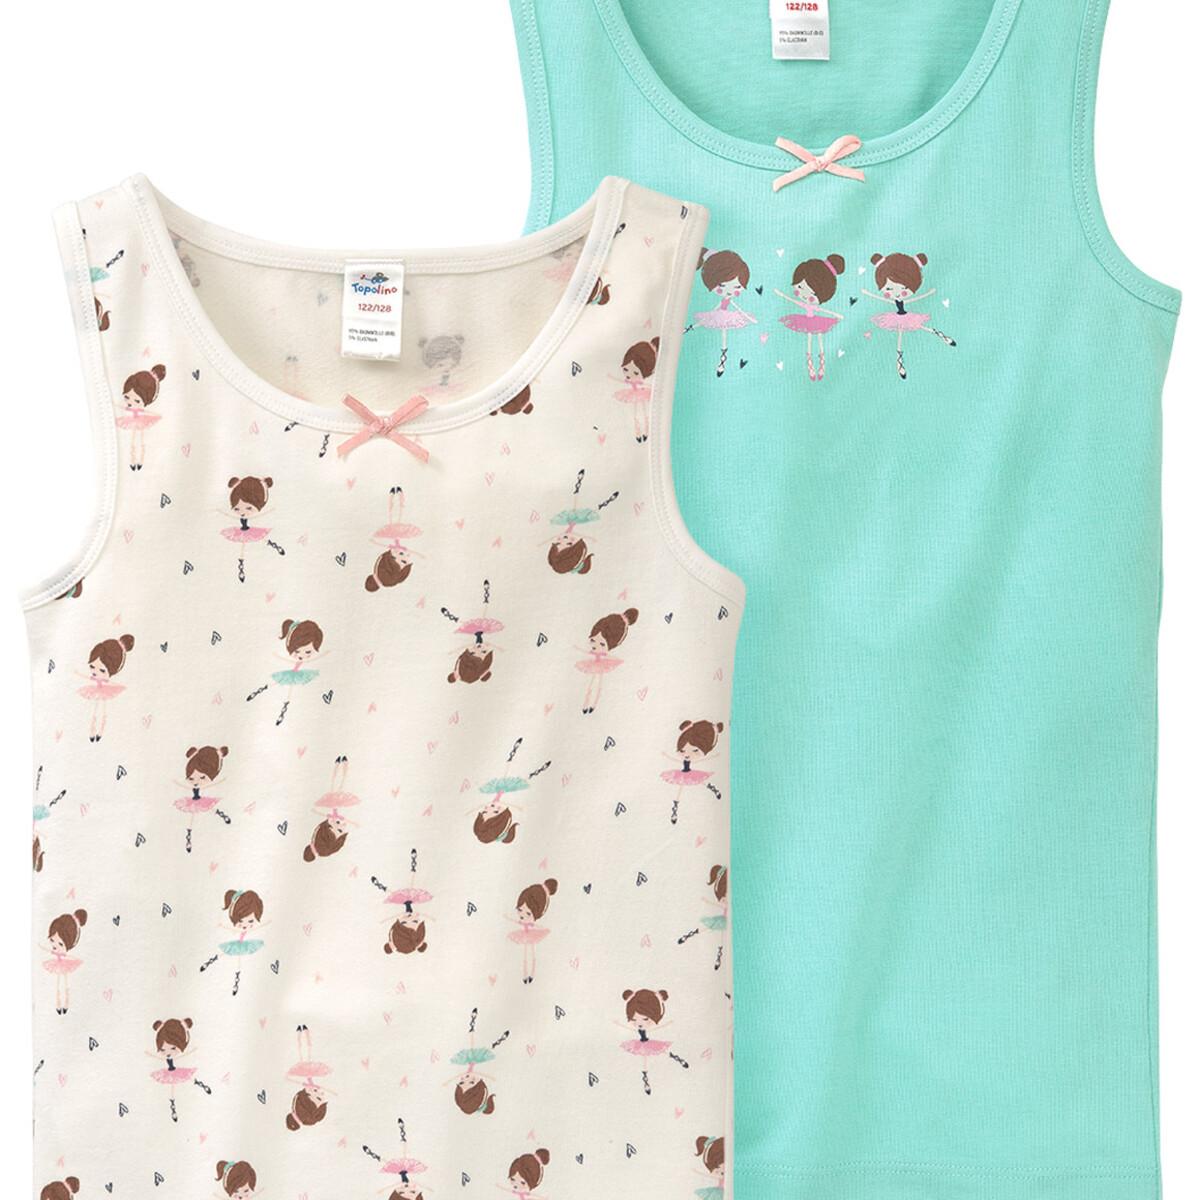 Bild 2 von 2 Mädchen Unterhemden im Set